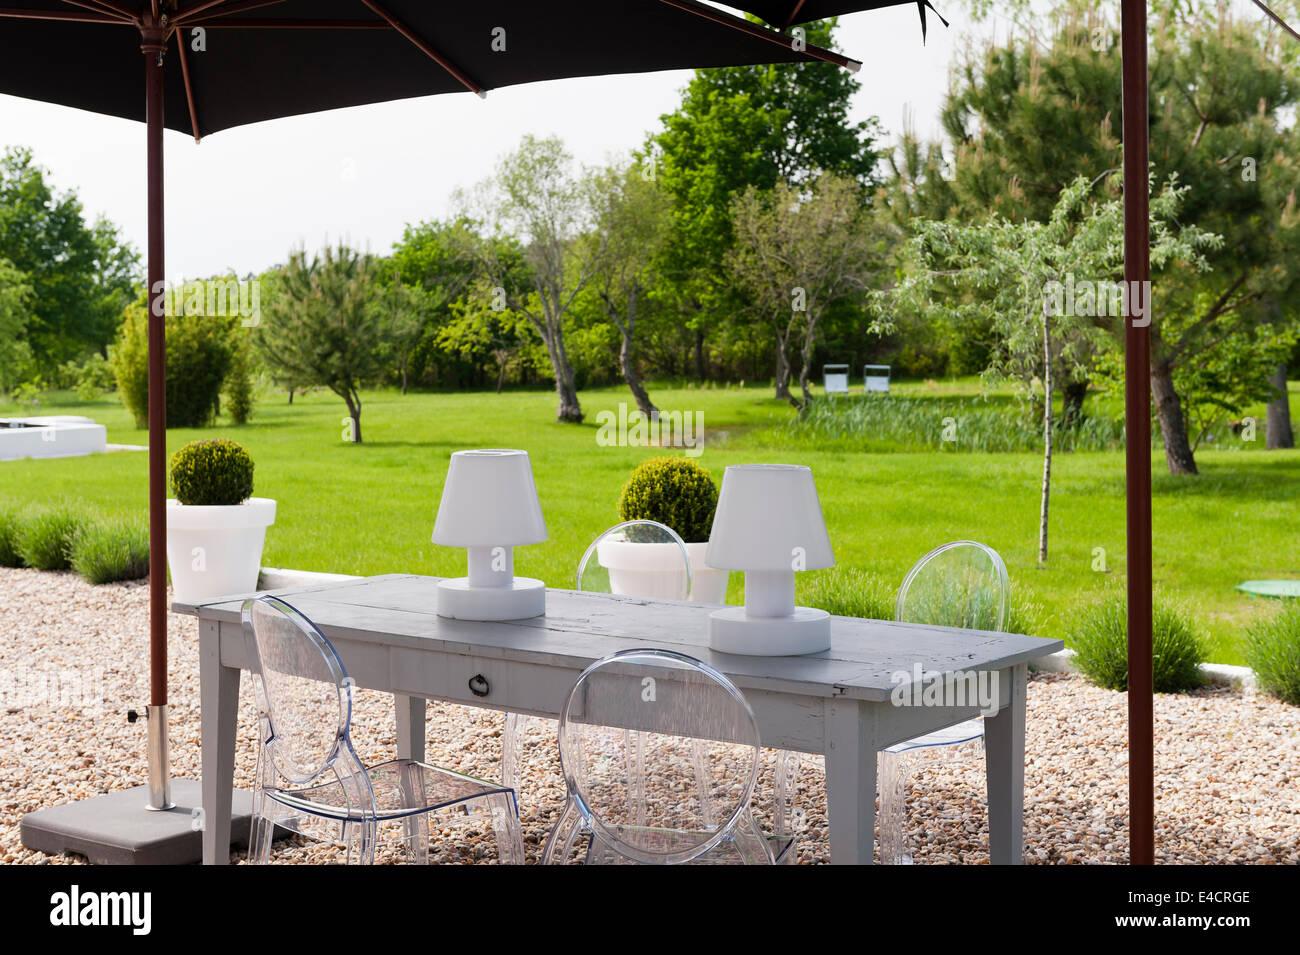 Luci da giardino sul tavolo di legno con philippe starck ghost